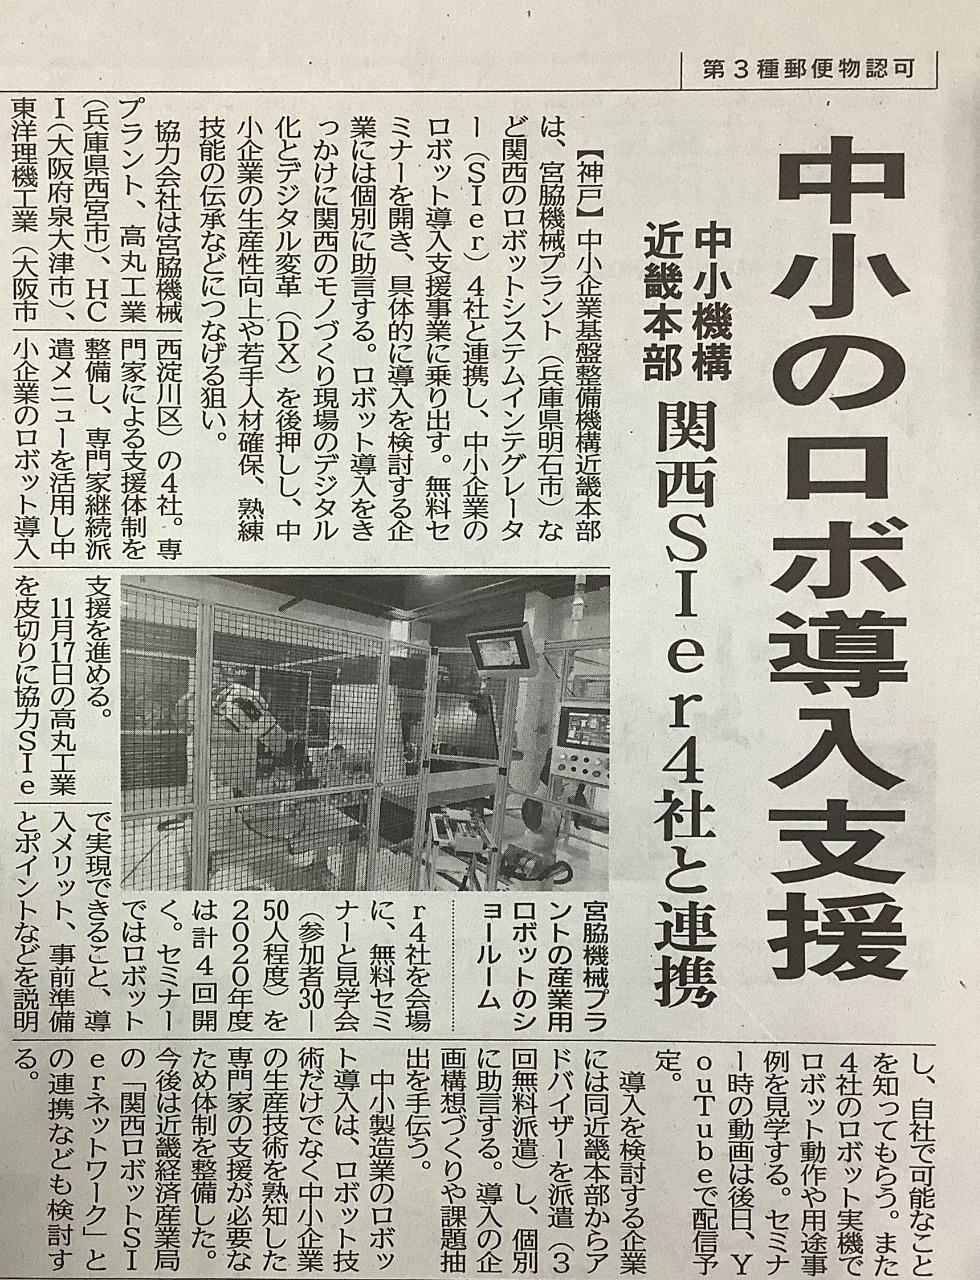 工業 セミナー 日刊 新聞